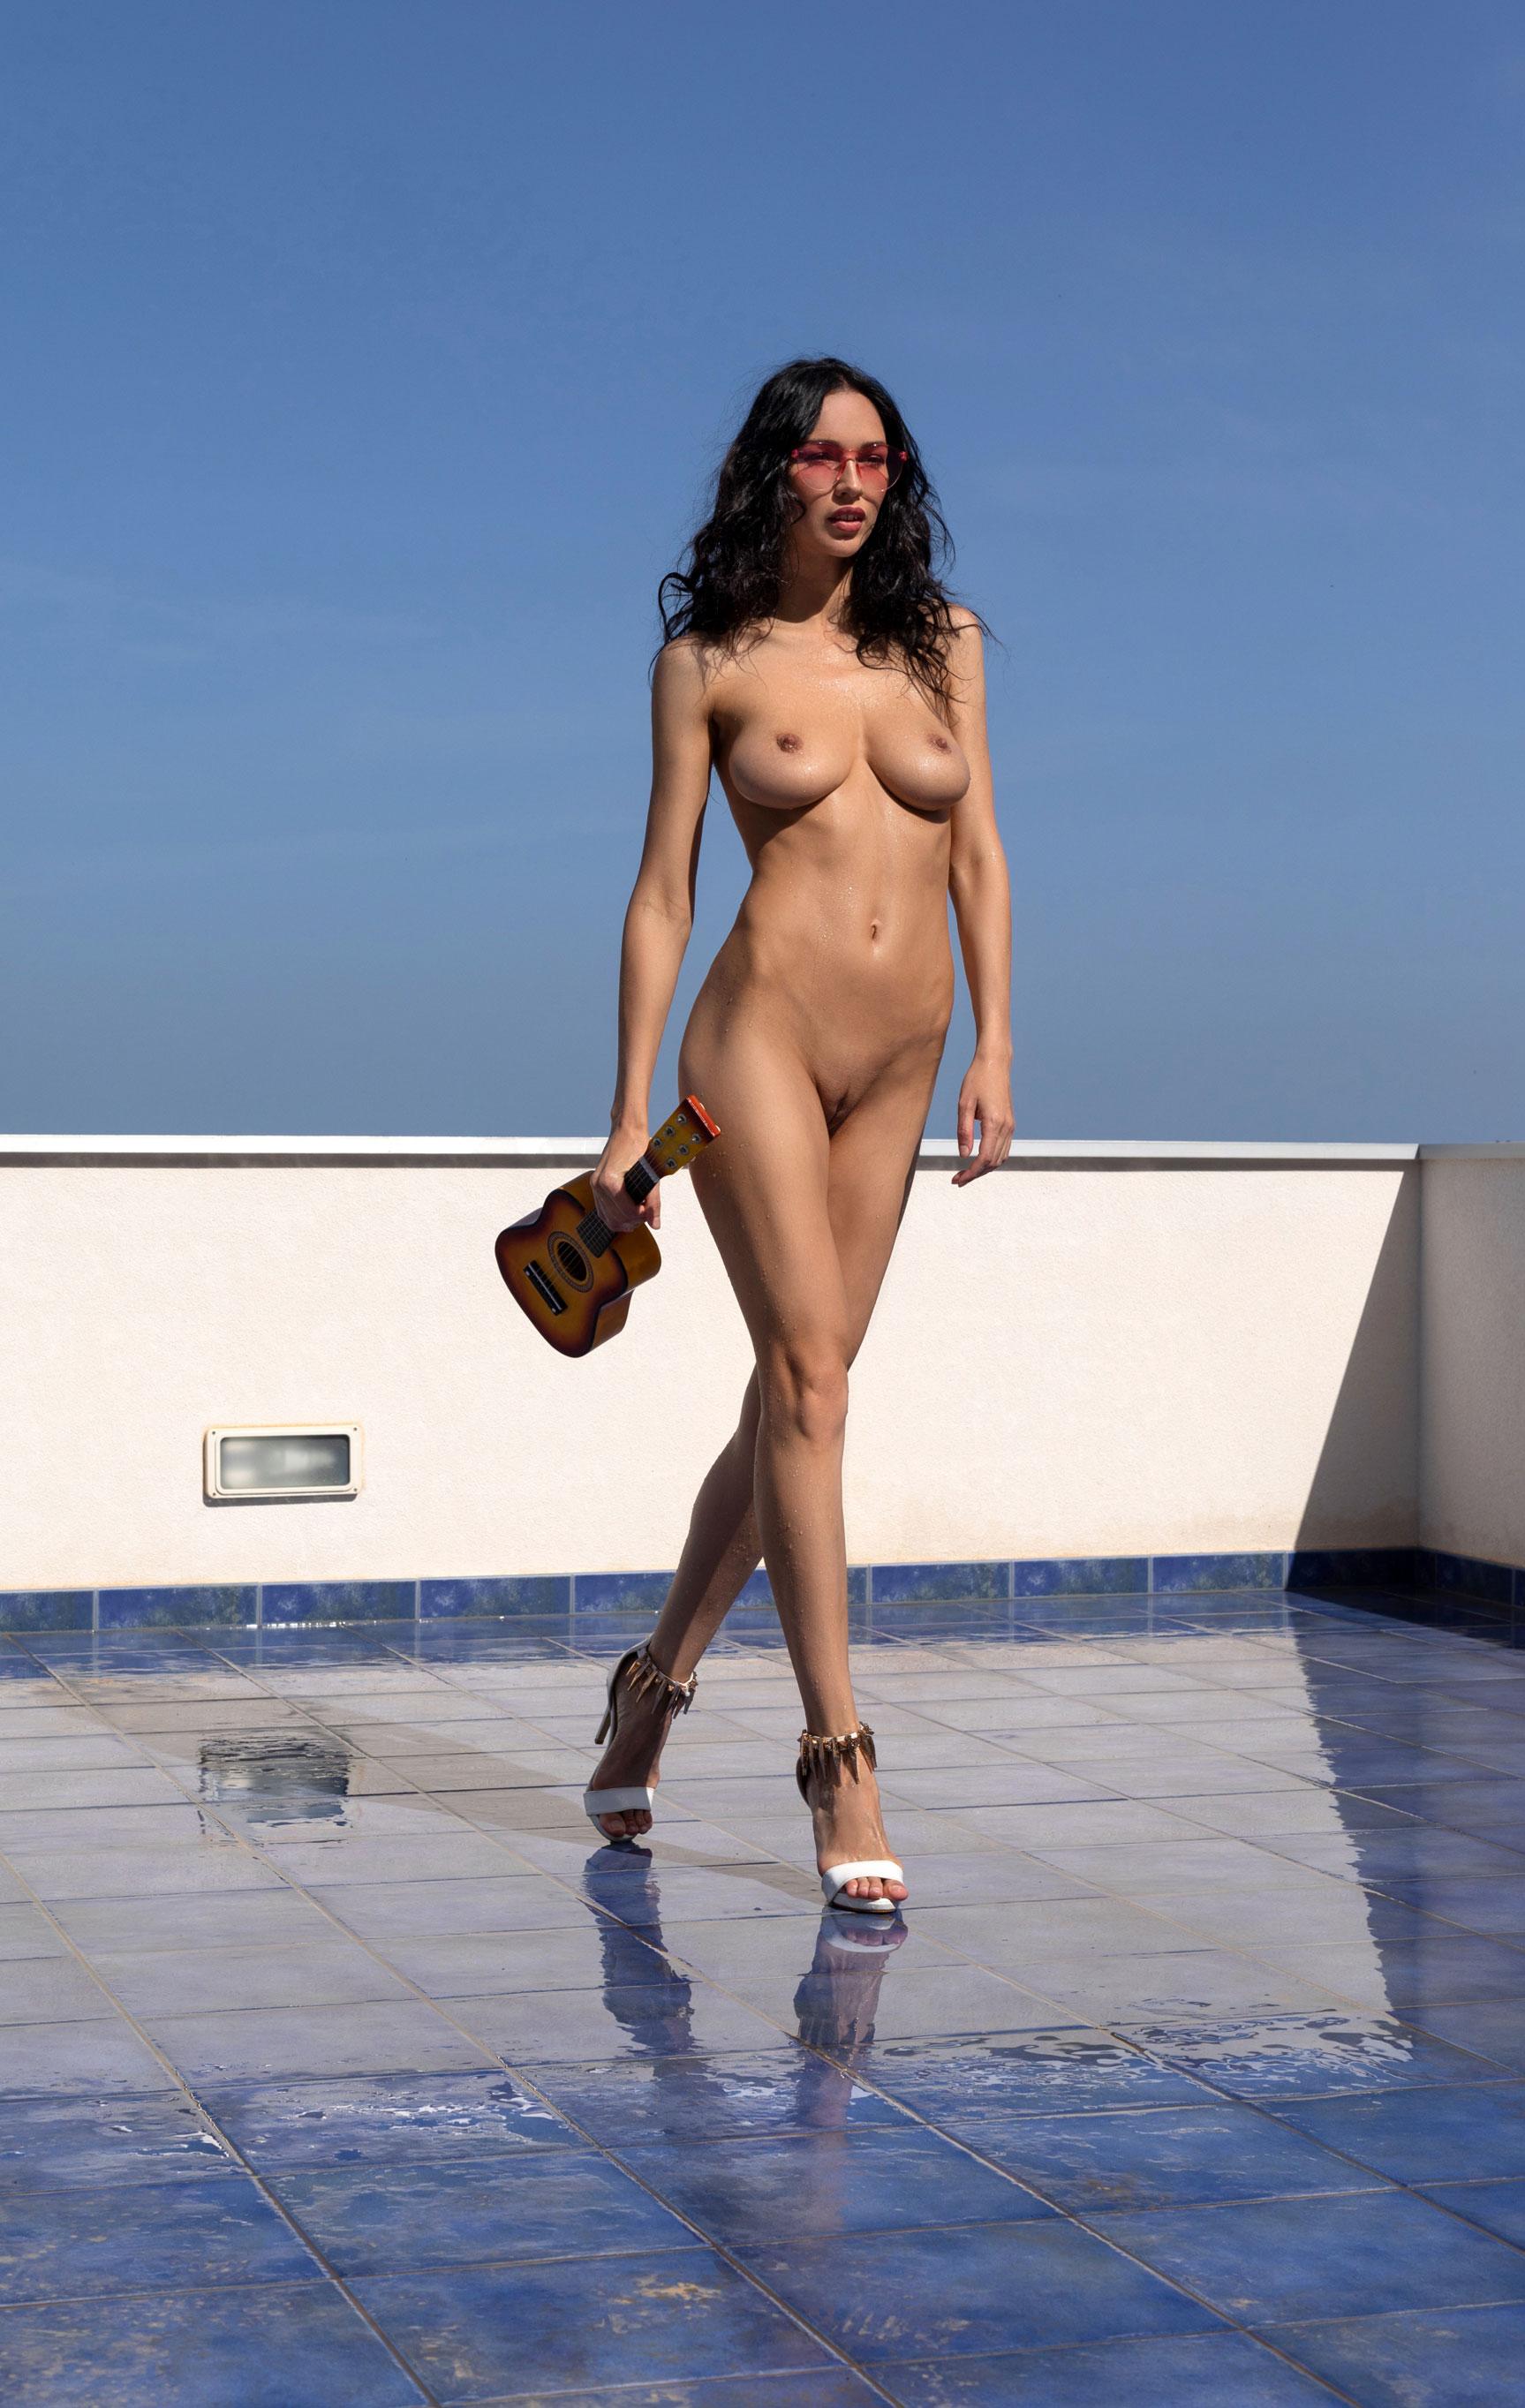 Сексуальная и голая Анастасия Марципанова развлекается с маленькой гавайской гитарой укулеле / фото 17